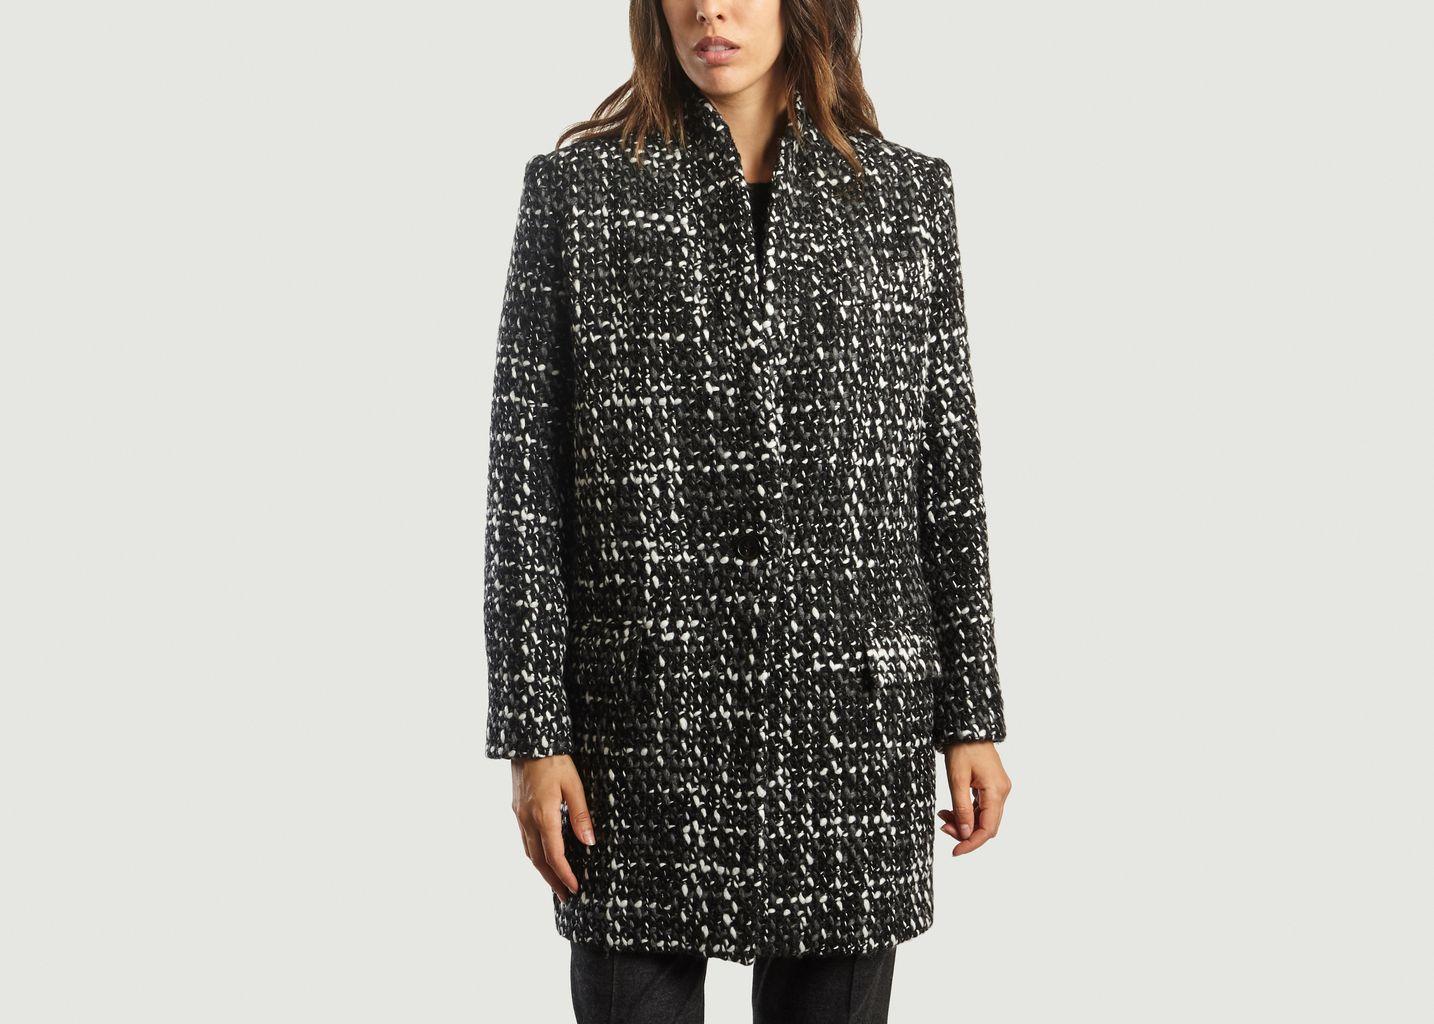 Manteau en Tweed Golden - IRO